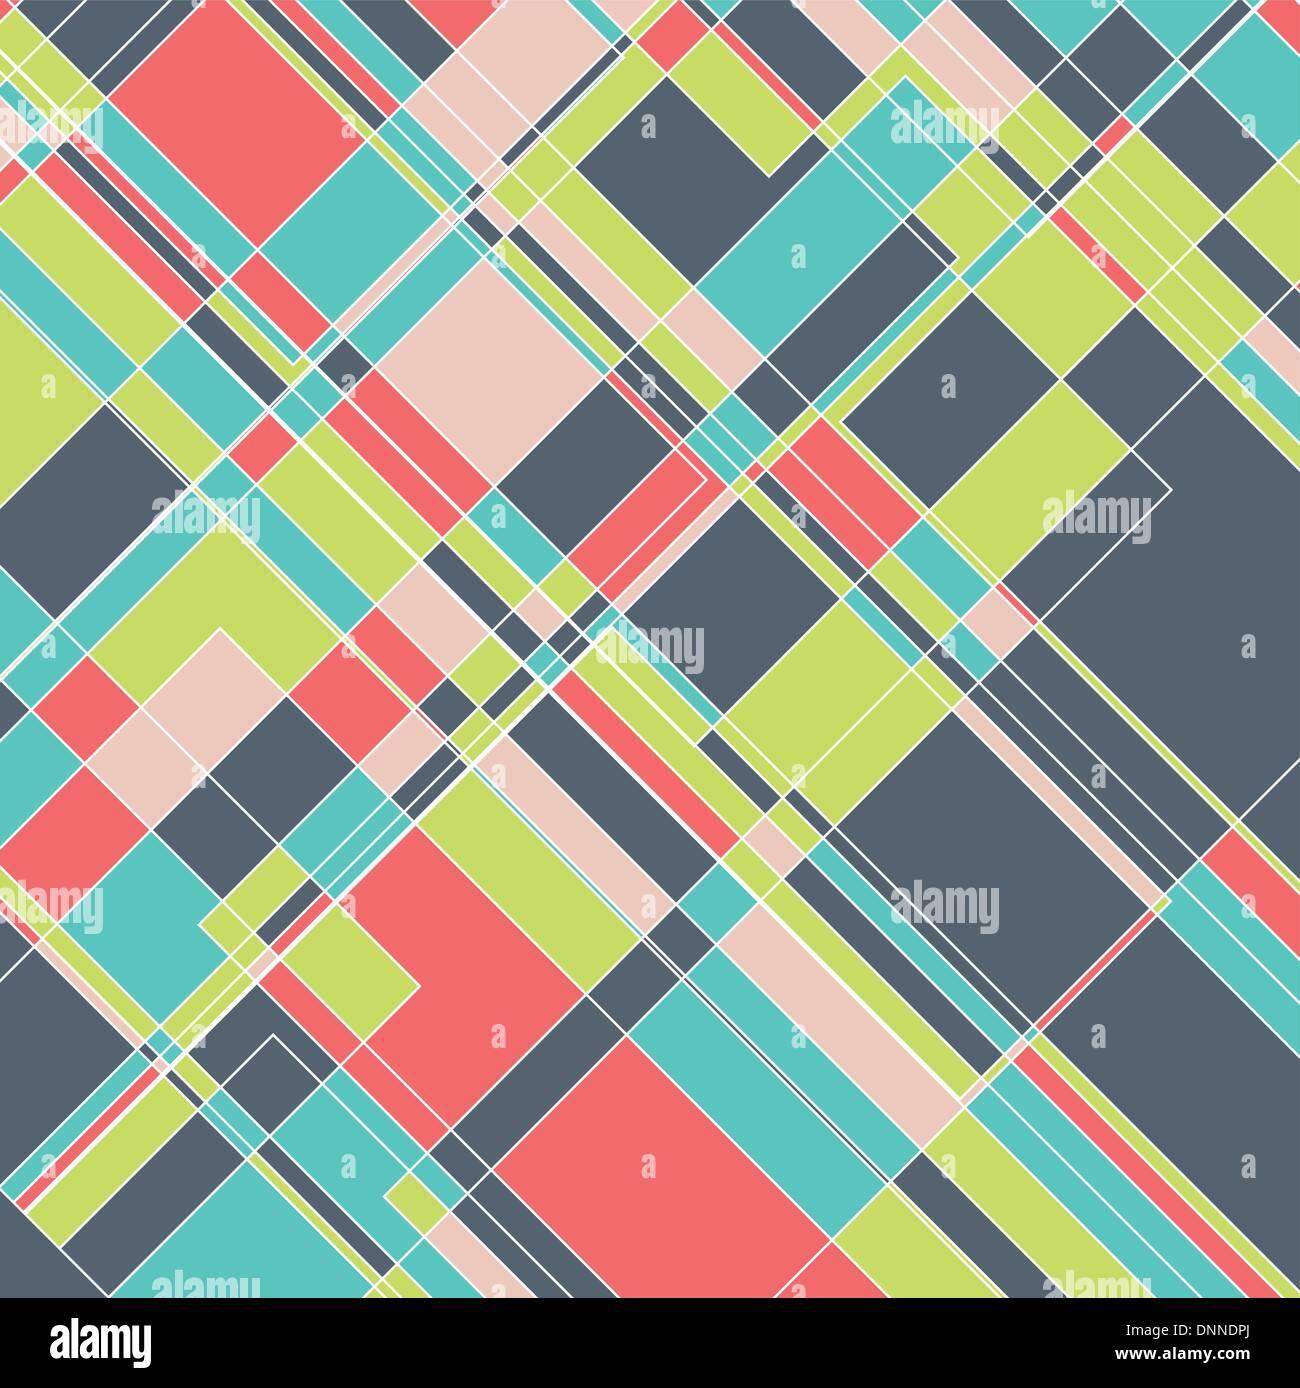 Fondo con diseño abstracto con un patrón geométrico Imagen De Stock